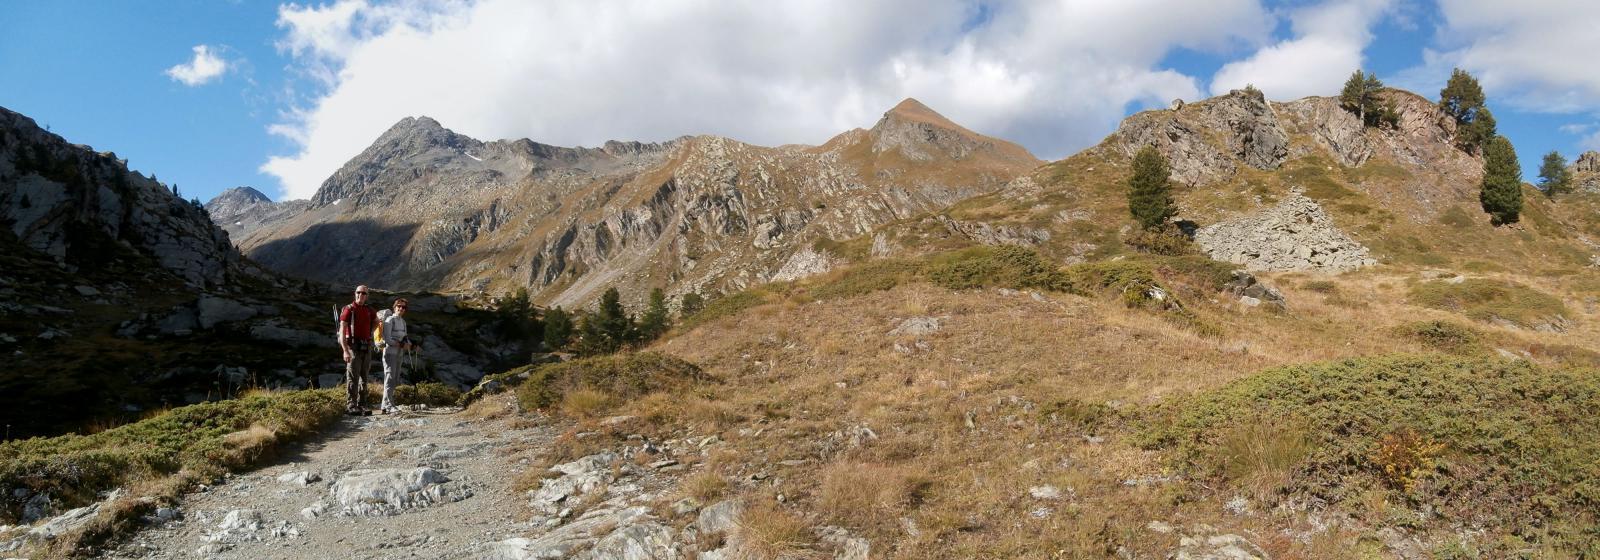 l'arrivo nel vallone di Bardoney...sullo sfondo la Chesère ed il colle  dell'Arolla...